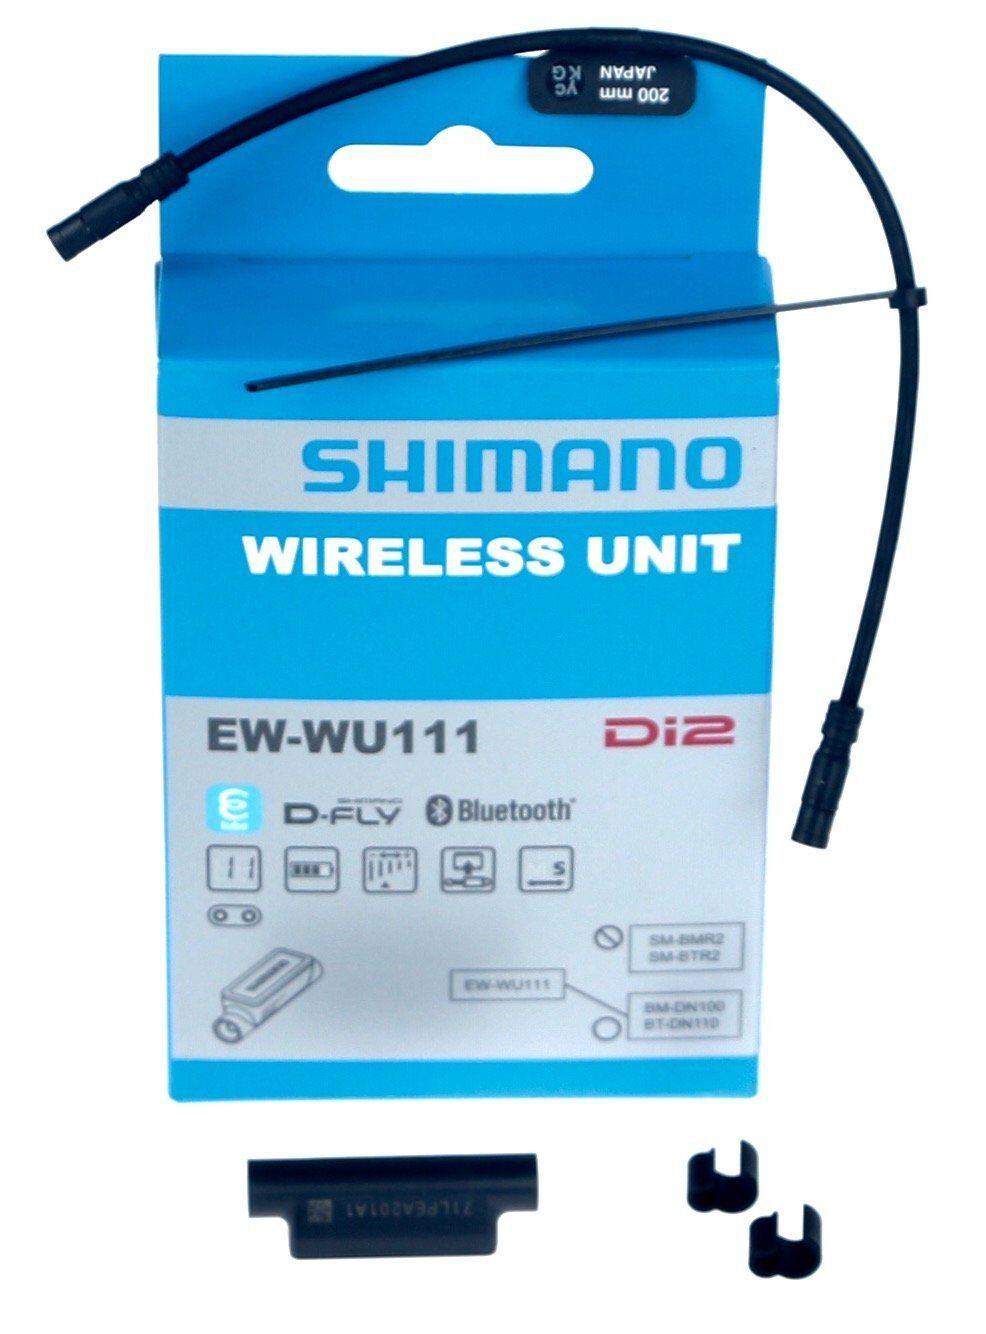 Shimano Shimano Shimano EW-WU111 DI2 D-Fly ANT + Bluetooth Inalámbrico Unidad +200 mm Cable Eléctrico Nuevo en Caja b980cf